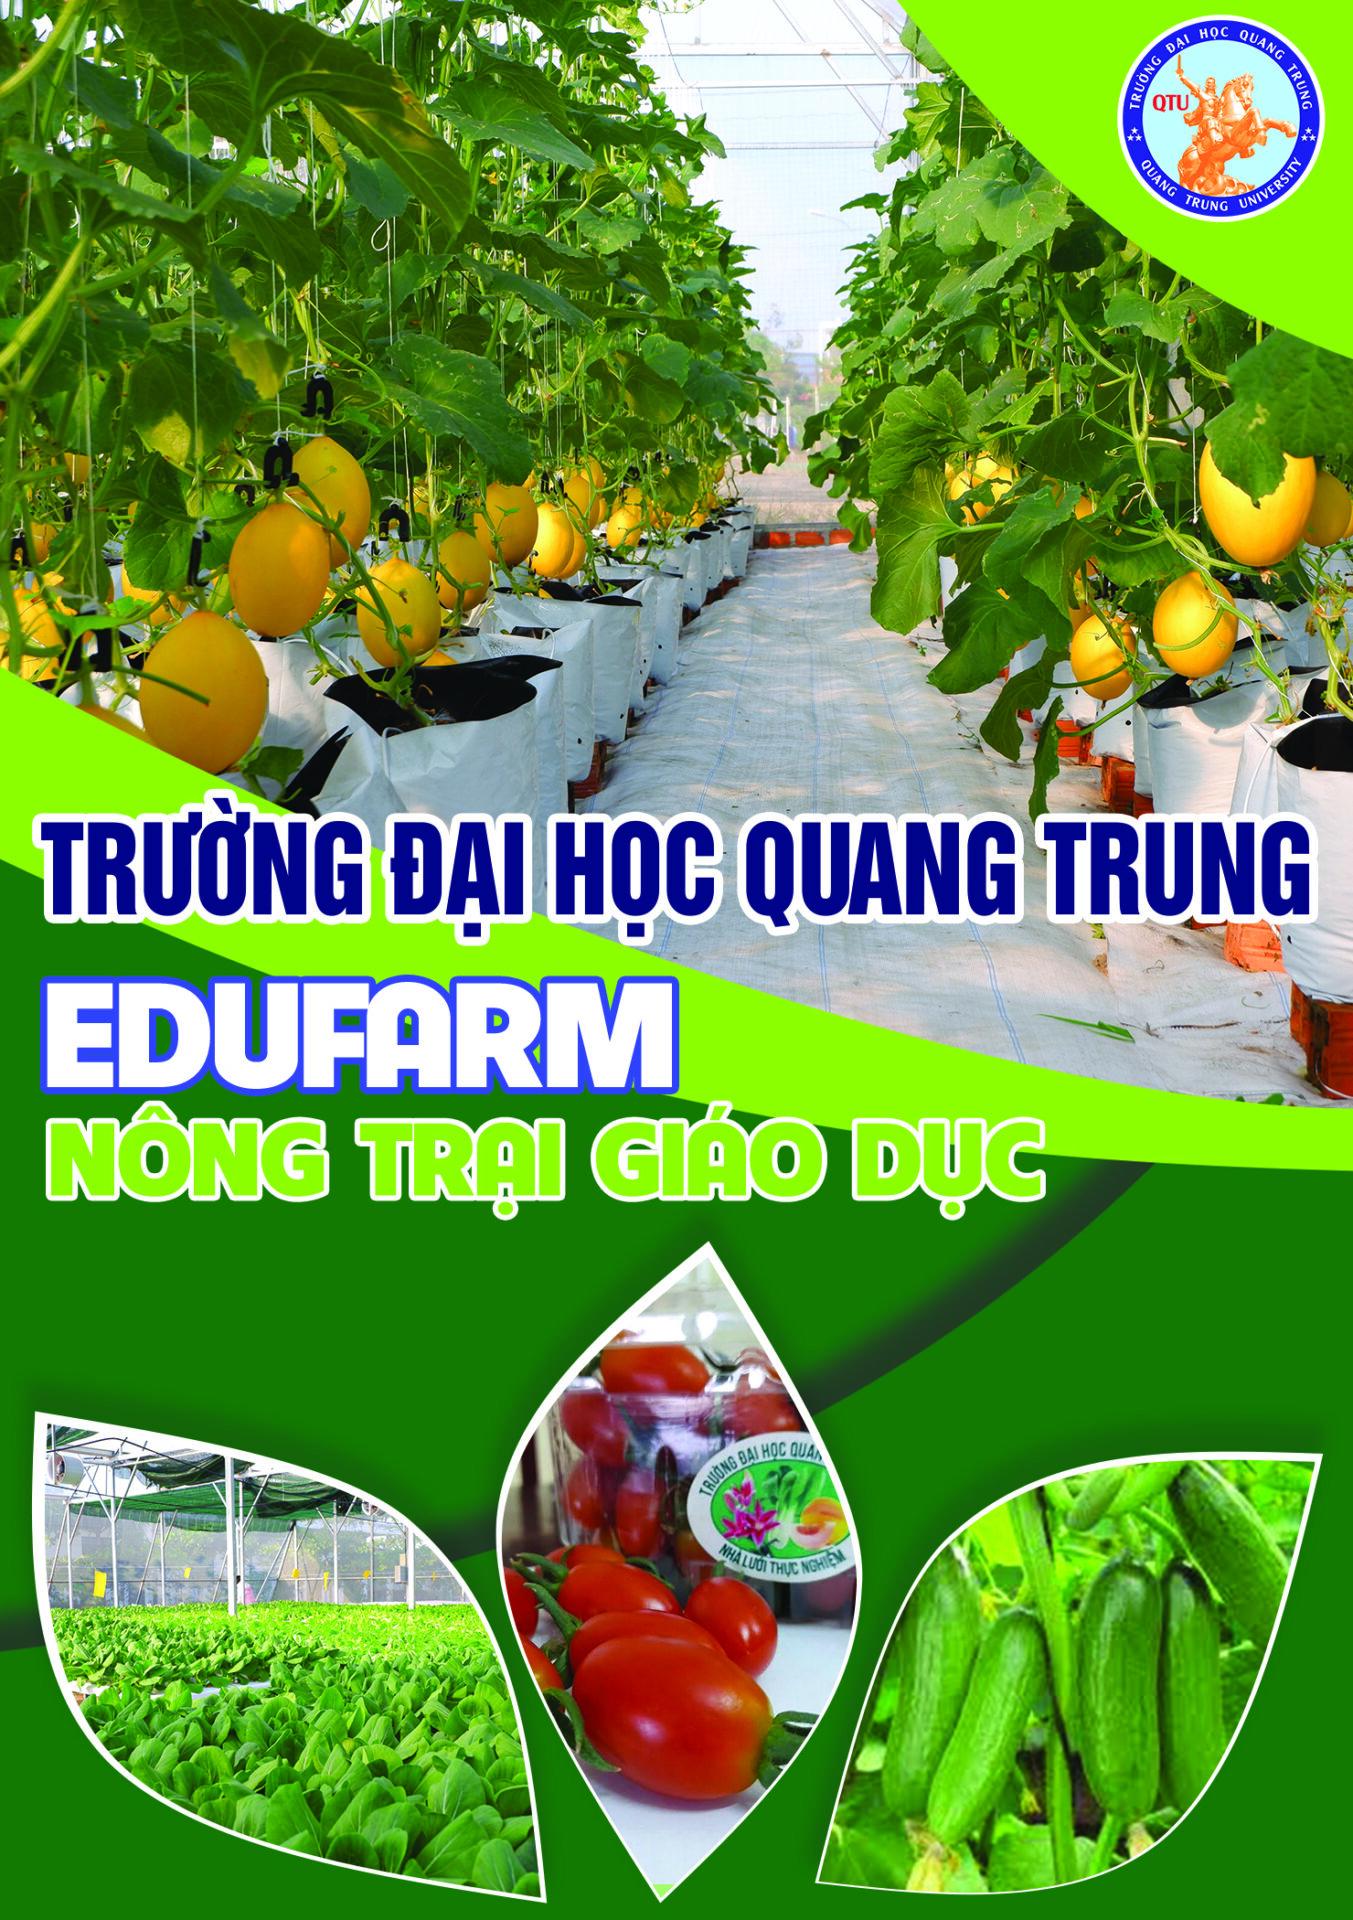 Trải nghiệm thú vị cùng EduFarm - Trường ĐH Quang Trung